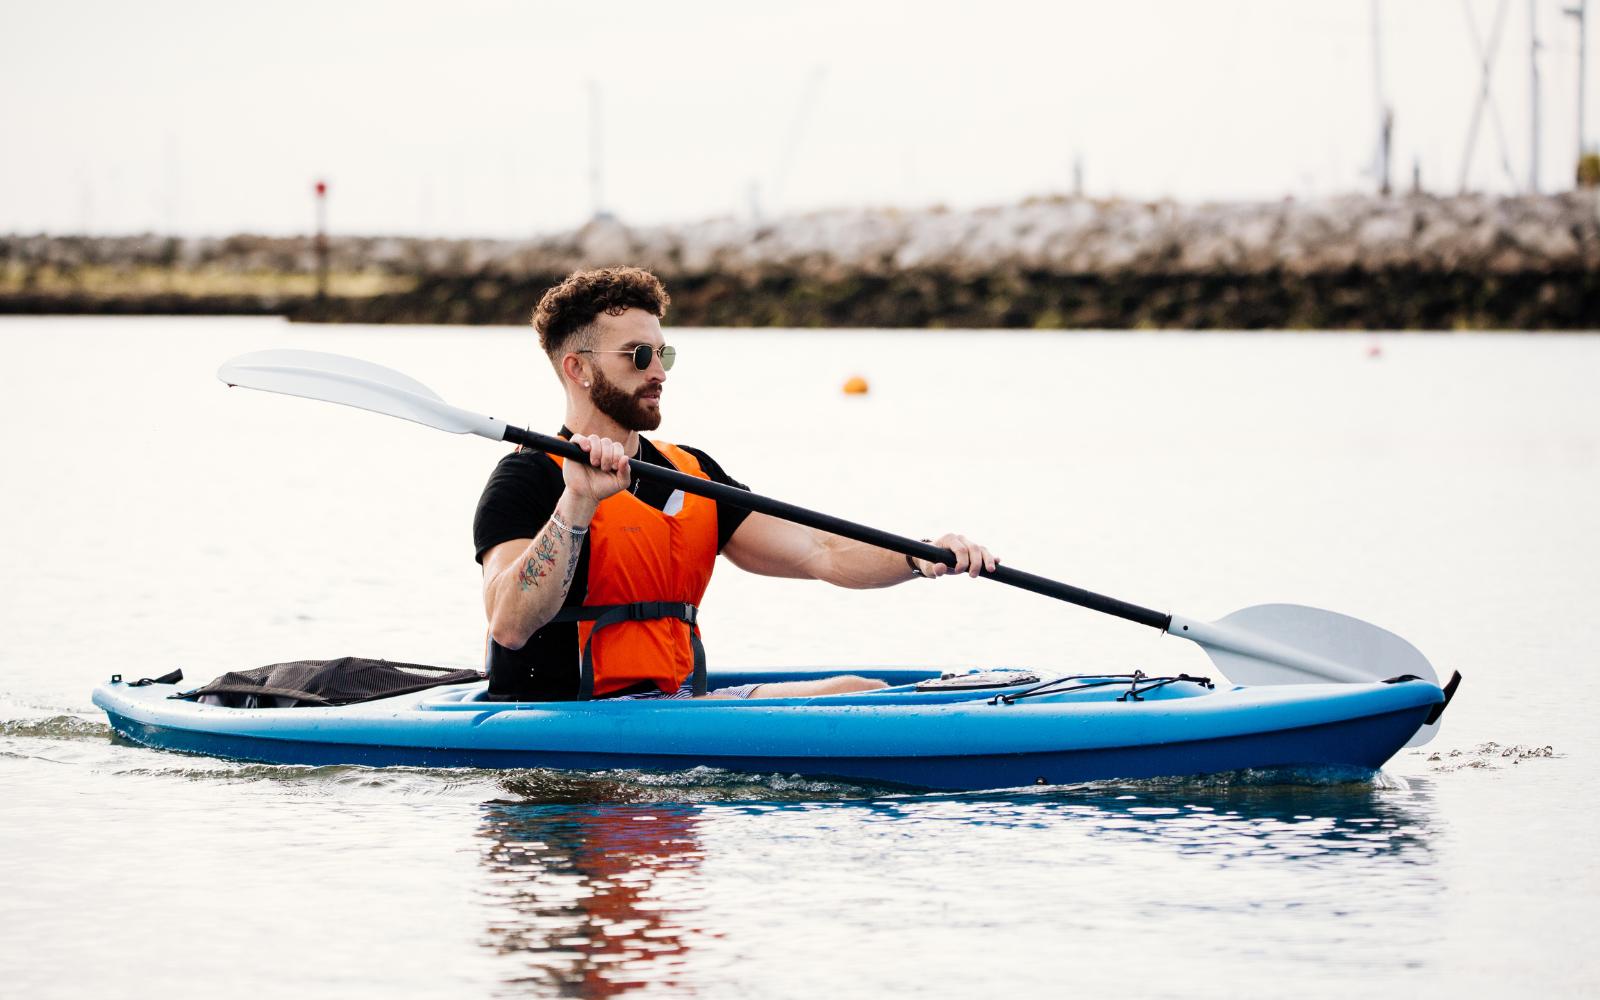 30 6 - Reid ® - Reid Tide Kayak